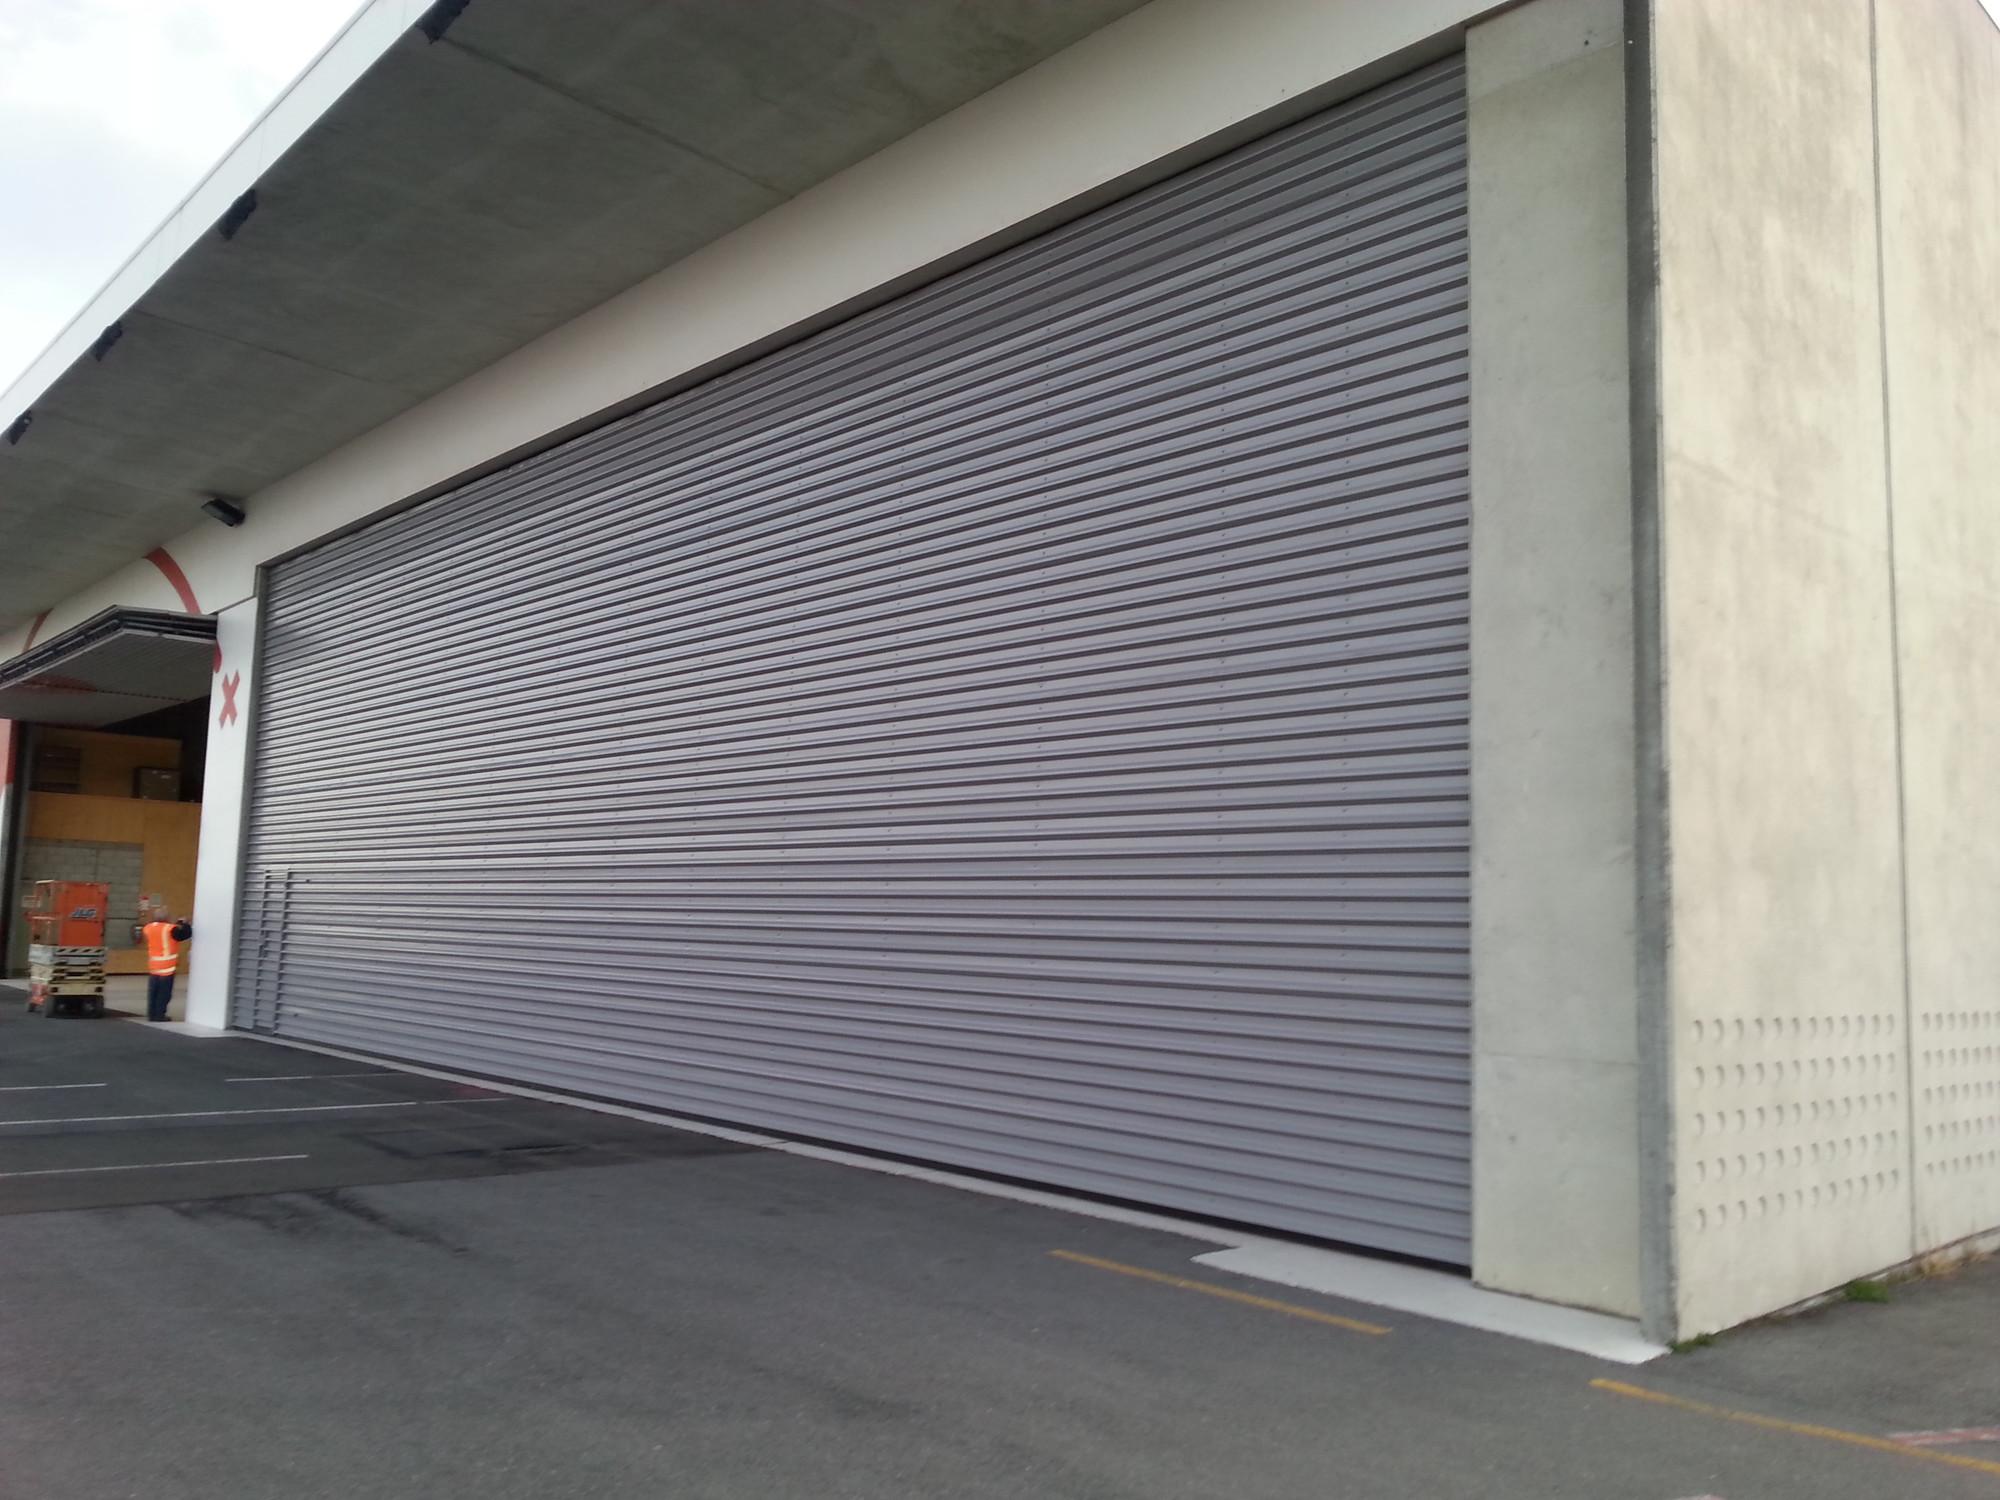 Bi-folding overhead hangar door